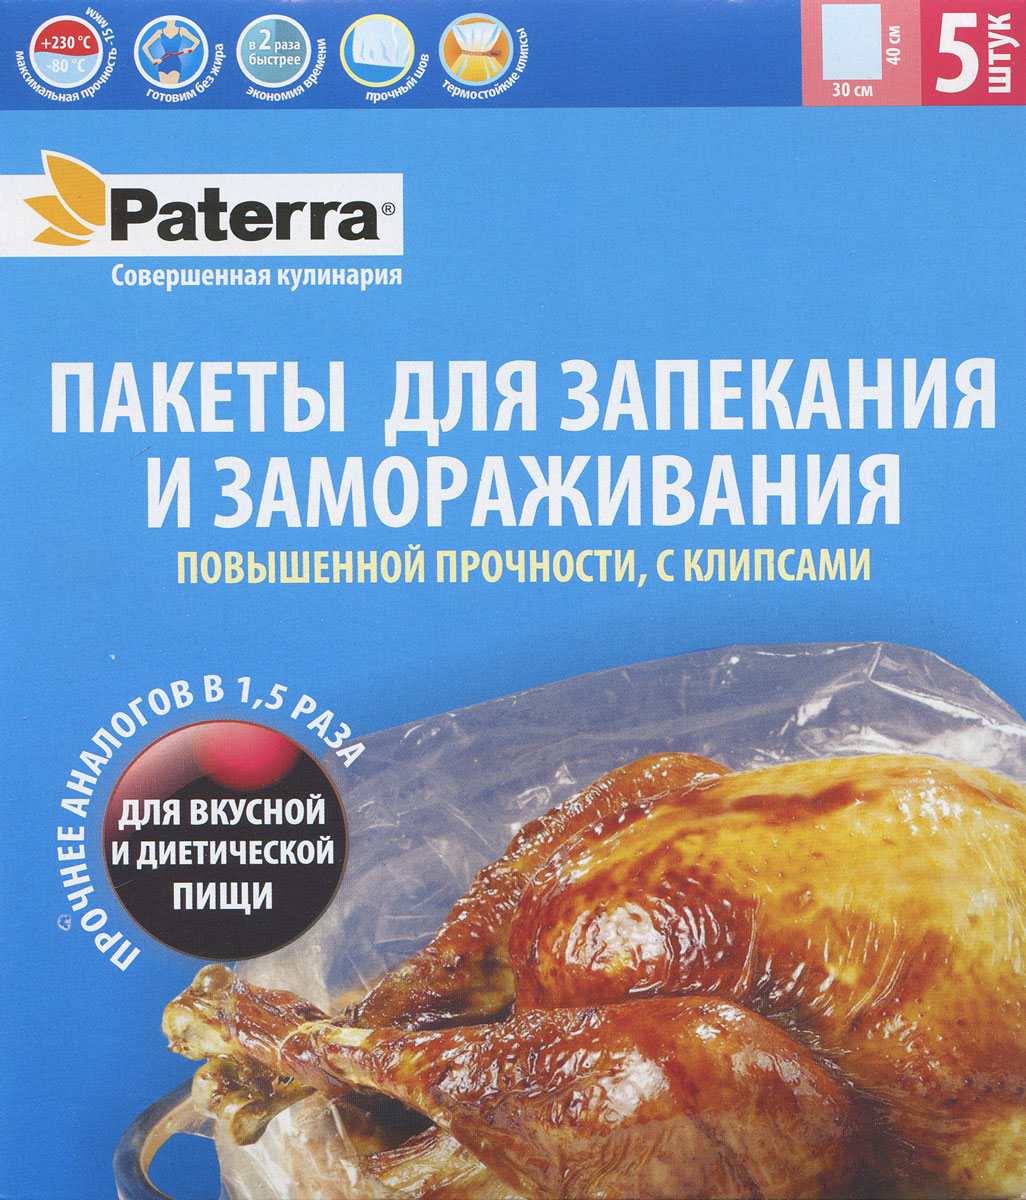 Пакет для запекания Paterra, с клипсами, 30 х 40 см, 5 шт115510Пакеты Paterra изготовлены из полиэтилентерефталата (термопластик) и используются для приготовления вкусных, а главное полезных блюд из мяса, рыбы, овощей в собственном соку. Они позволяют приготовить здоровую пищу, сократить количество калорий и сохранить витамины. Термостойкие клипсы, которые идут в комплекте с пакетами, не плавятся в духовке, пригодны для готовки в микроволновой печи.